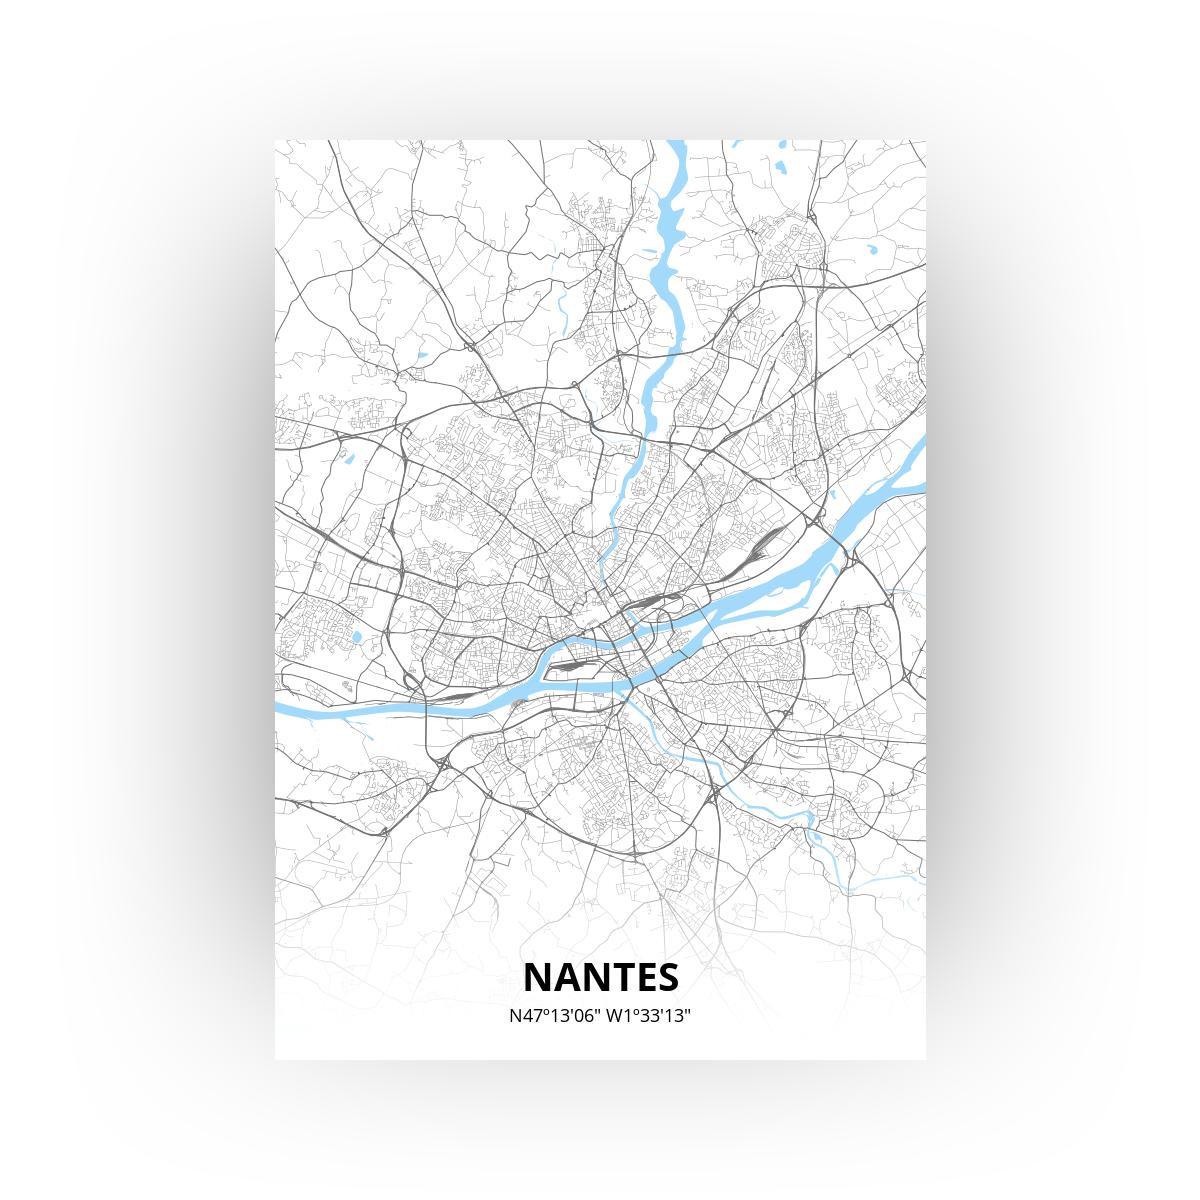 Nantes poster - Zelf aan te passen!